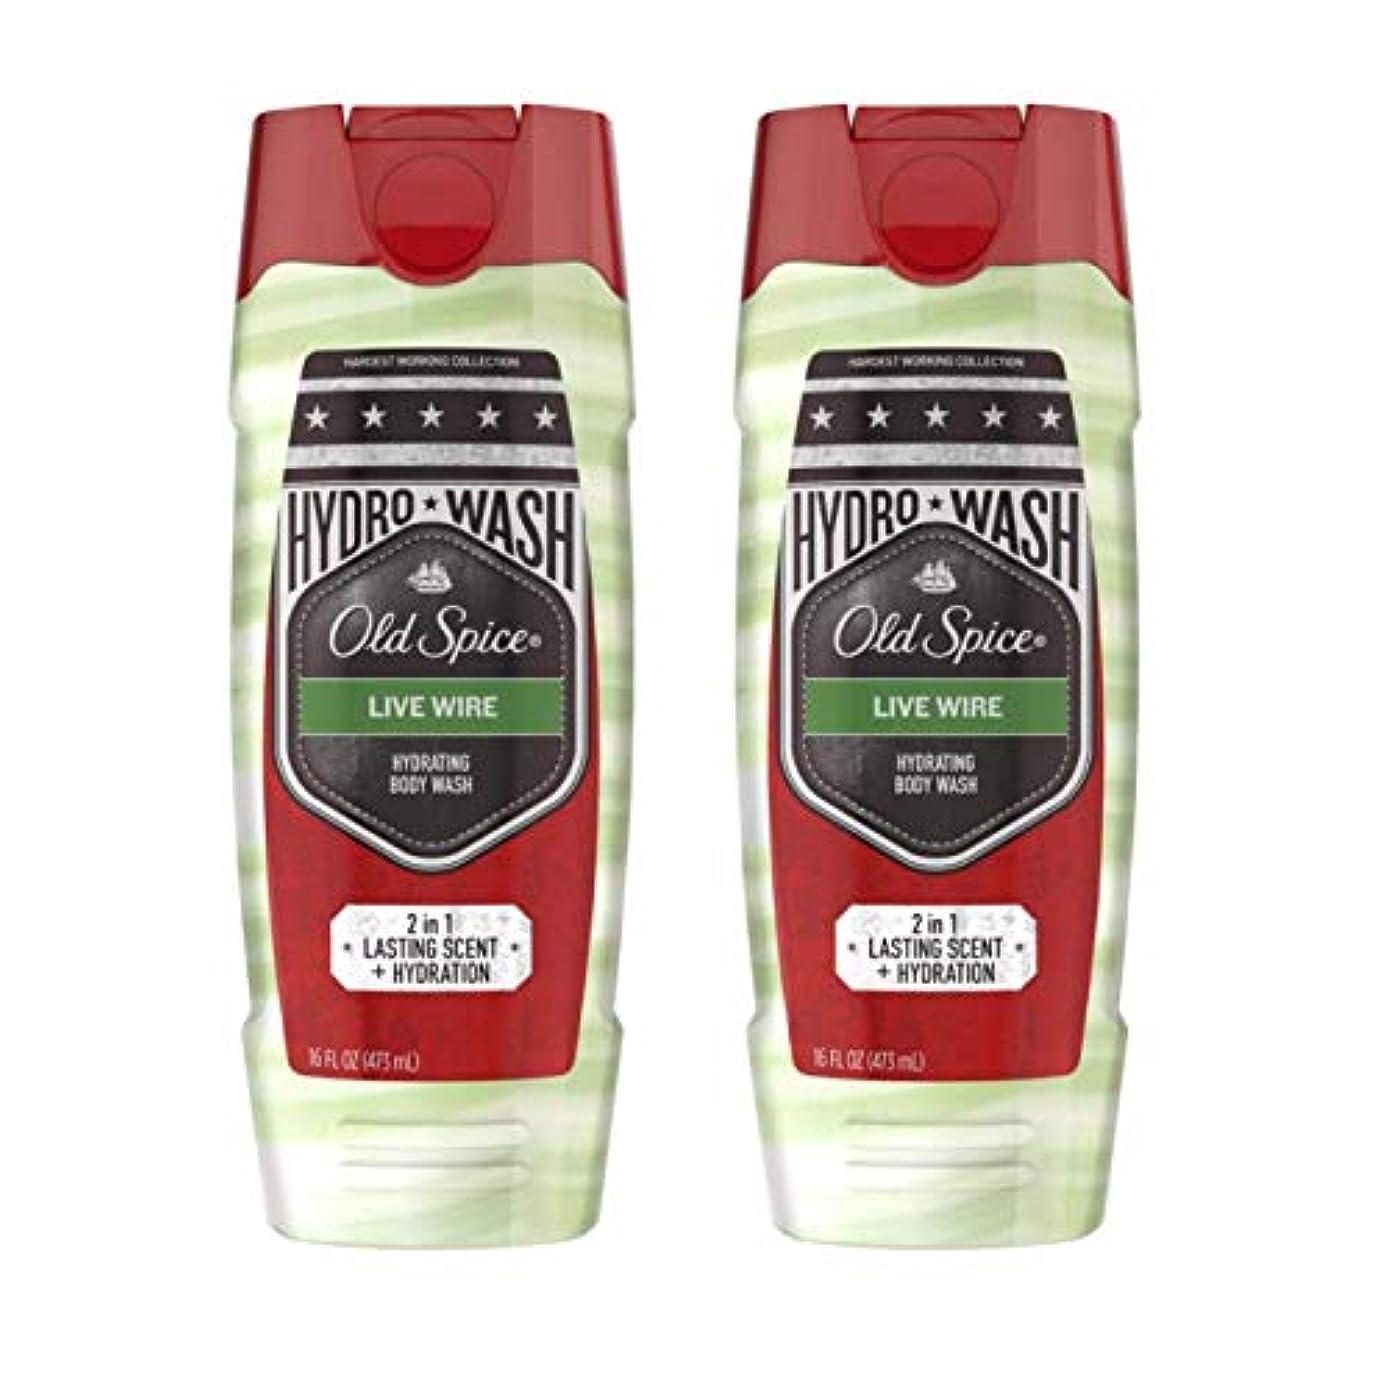 リーン試す不利Old Spíce オールドスパイスハイドレイティングボディウォッシュ - ハーデスト?ワーキングコレクション - ライブワイヤー - ネット重量。ボトルあたり16液量オンス(473 ml)を - 2本のボトルのパック